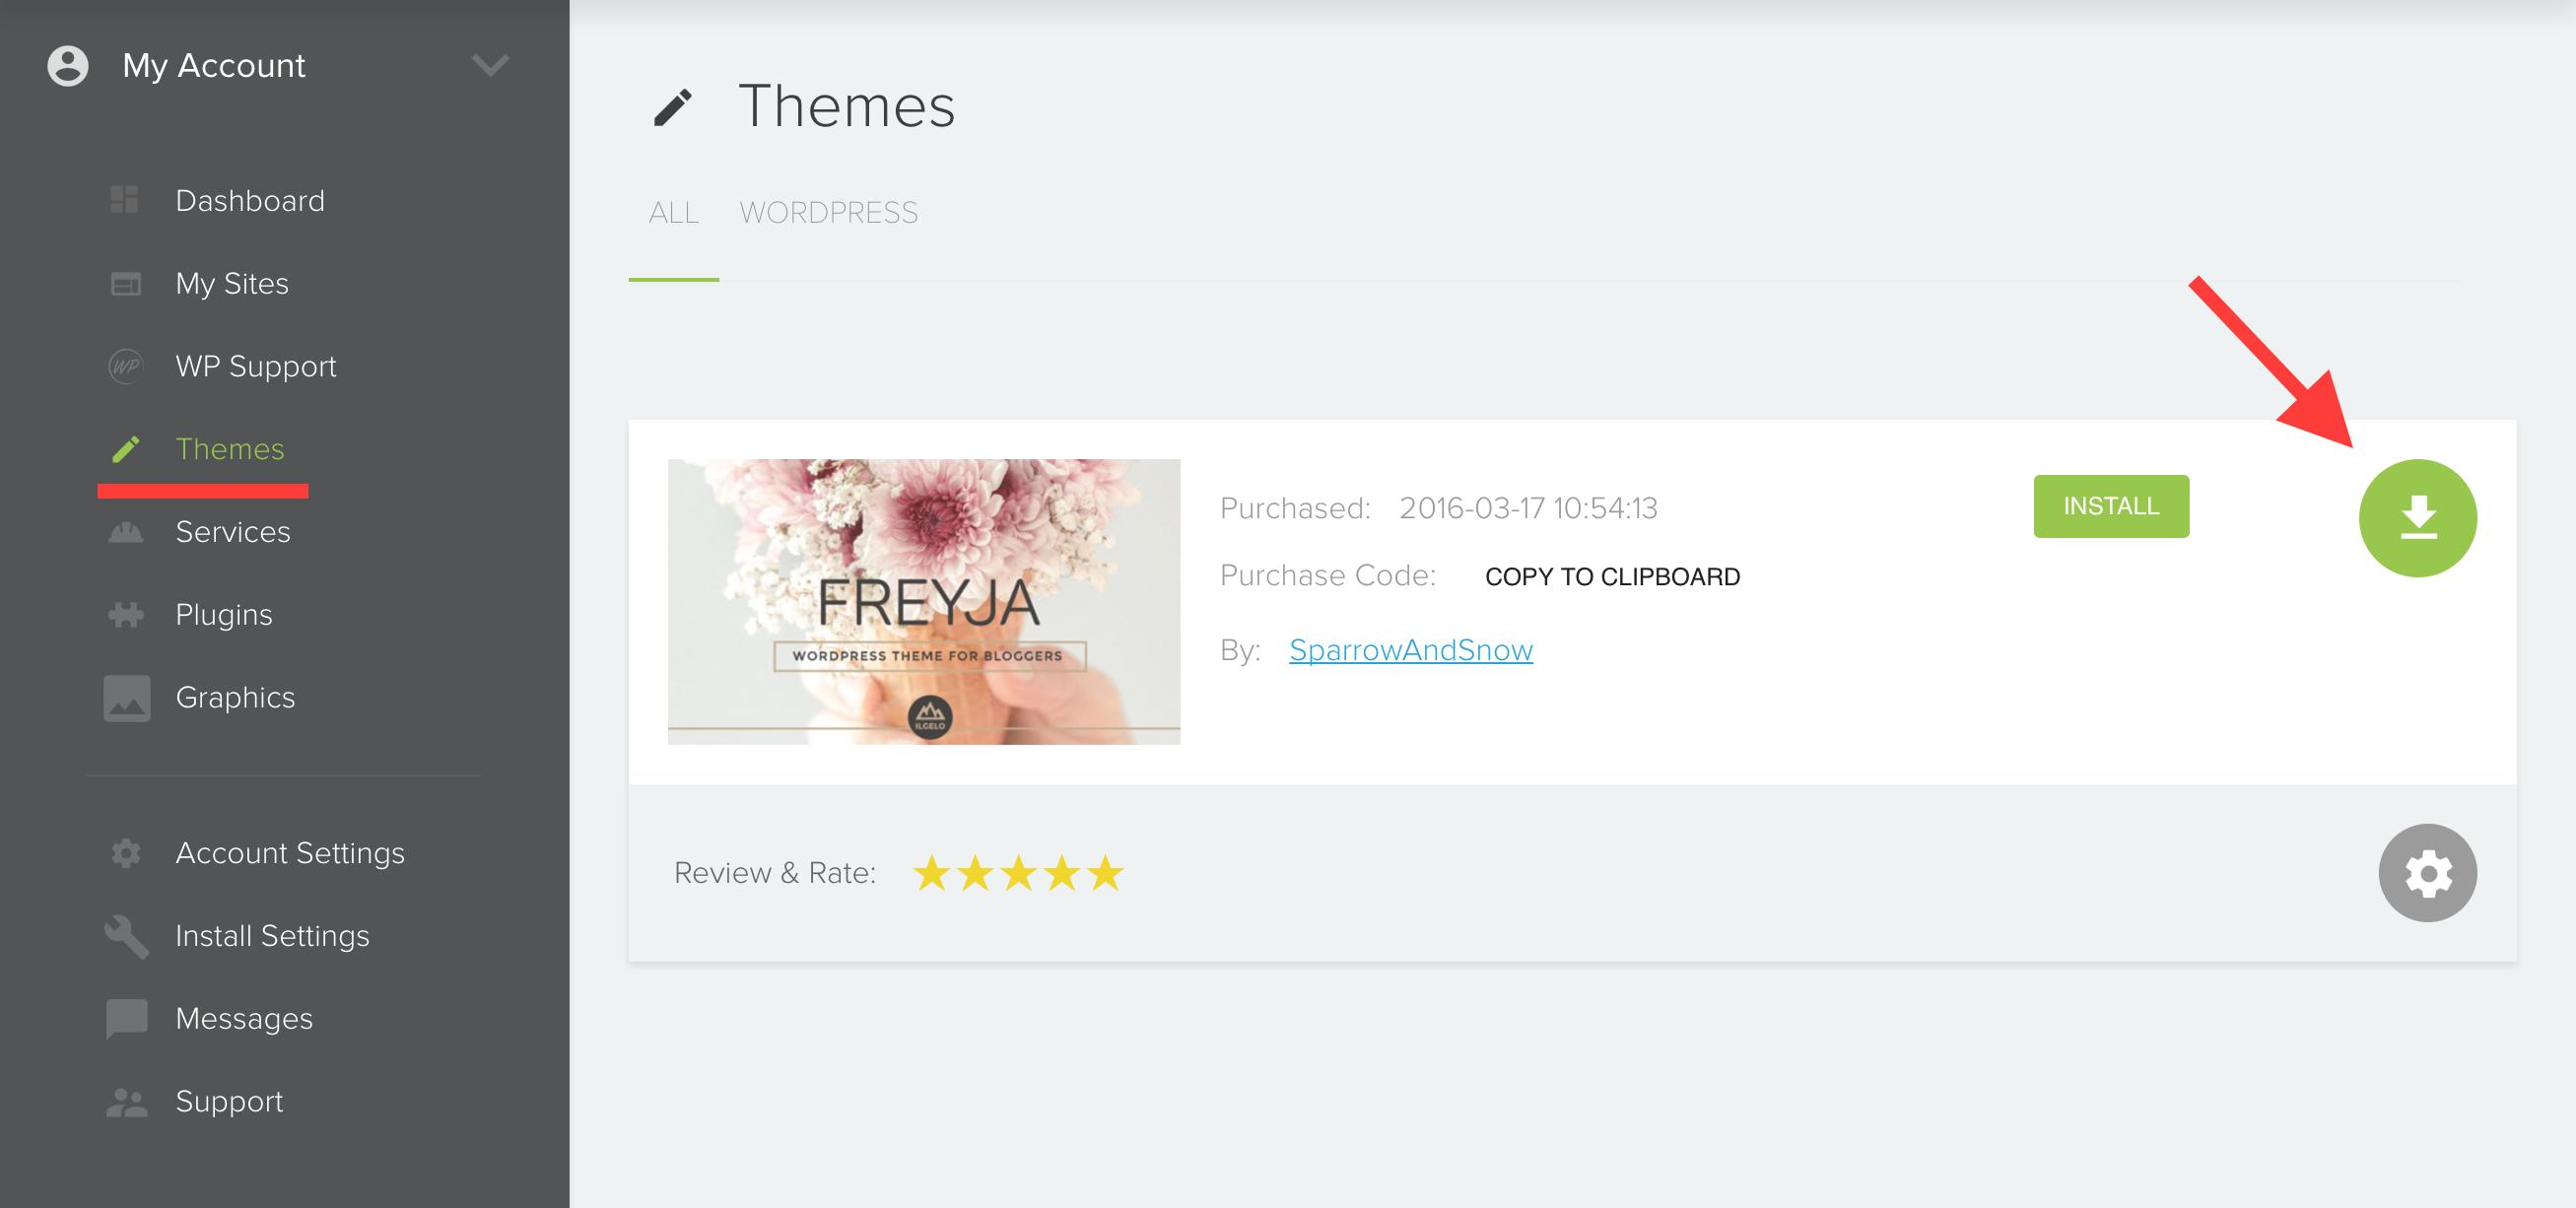 How to download freyja theme from mojomarketplace? « Freyja